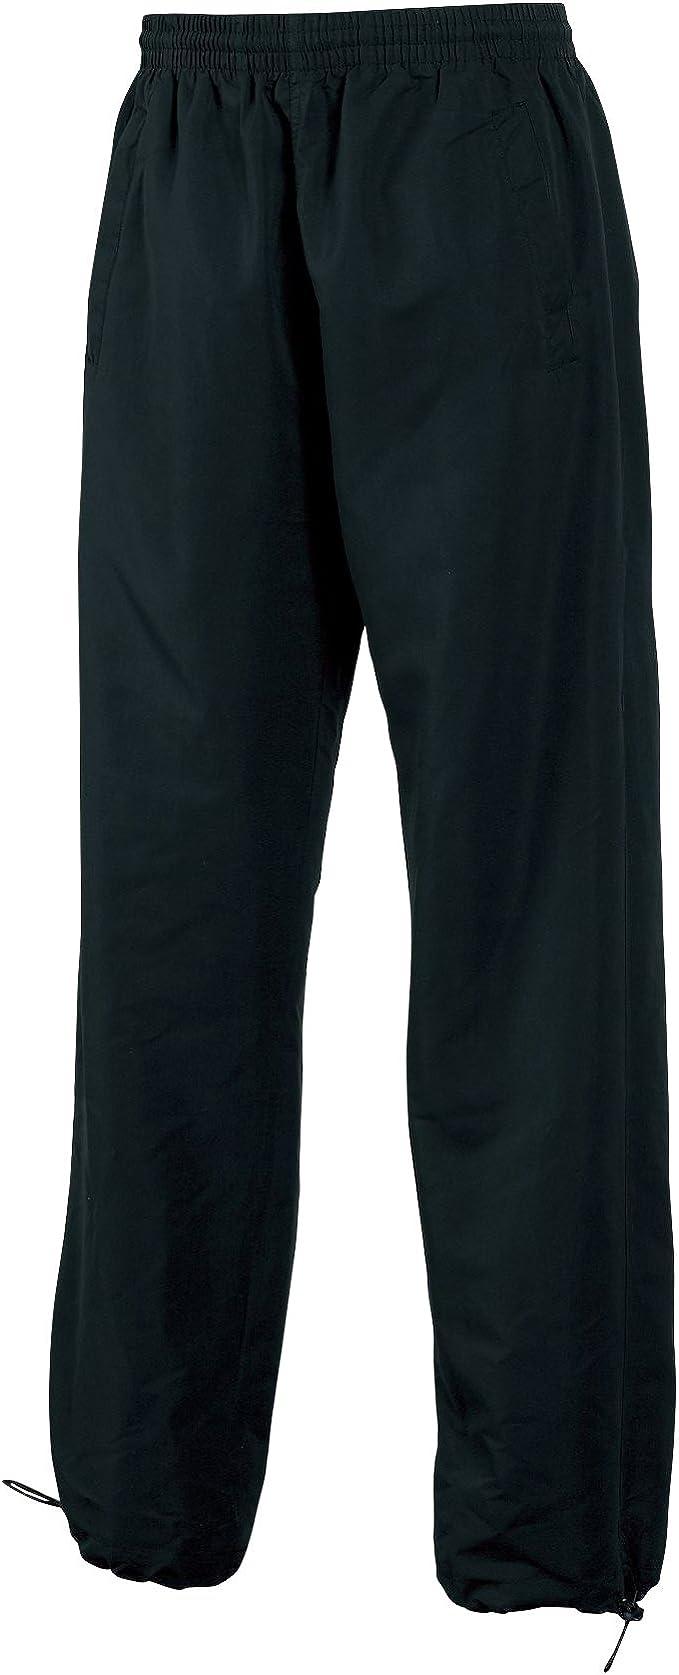 Tombo Teamsport - Pantalones de chandal sin forro interior y con ...